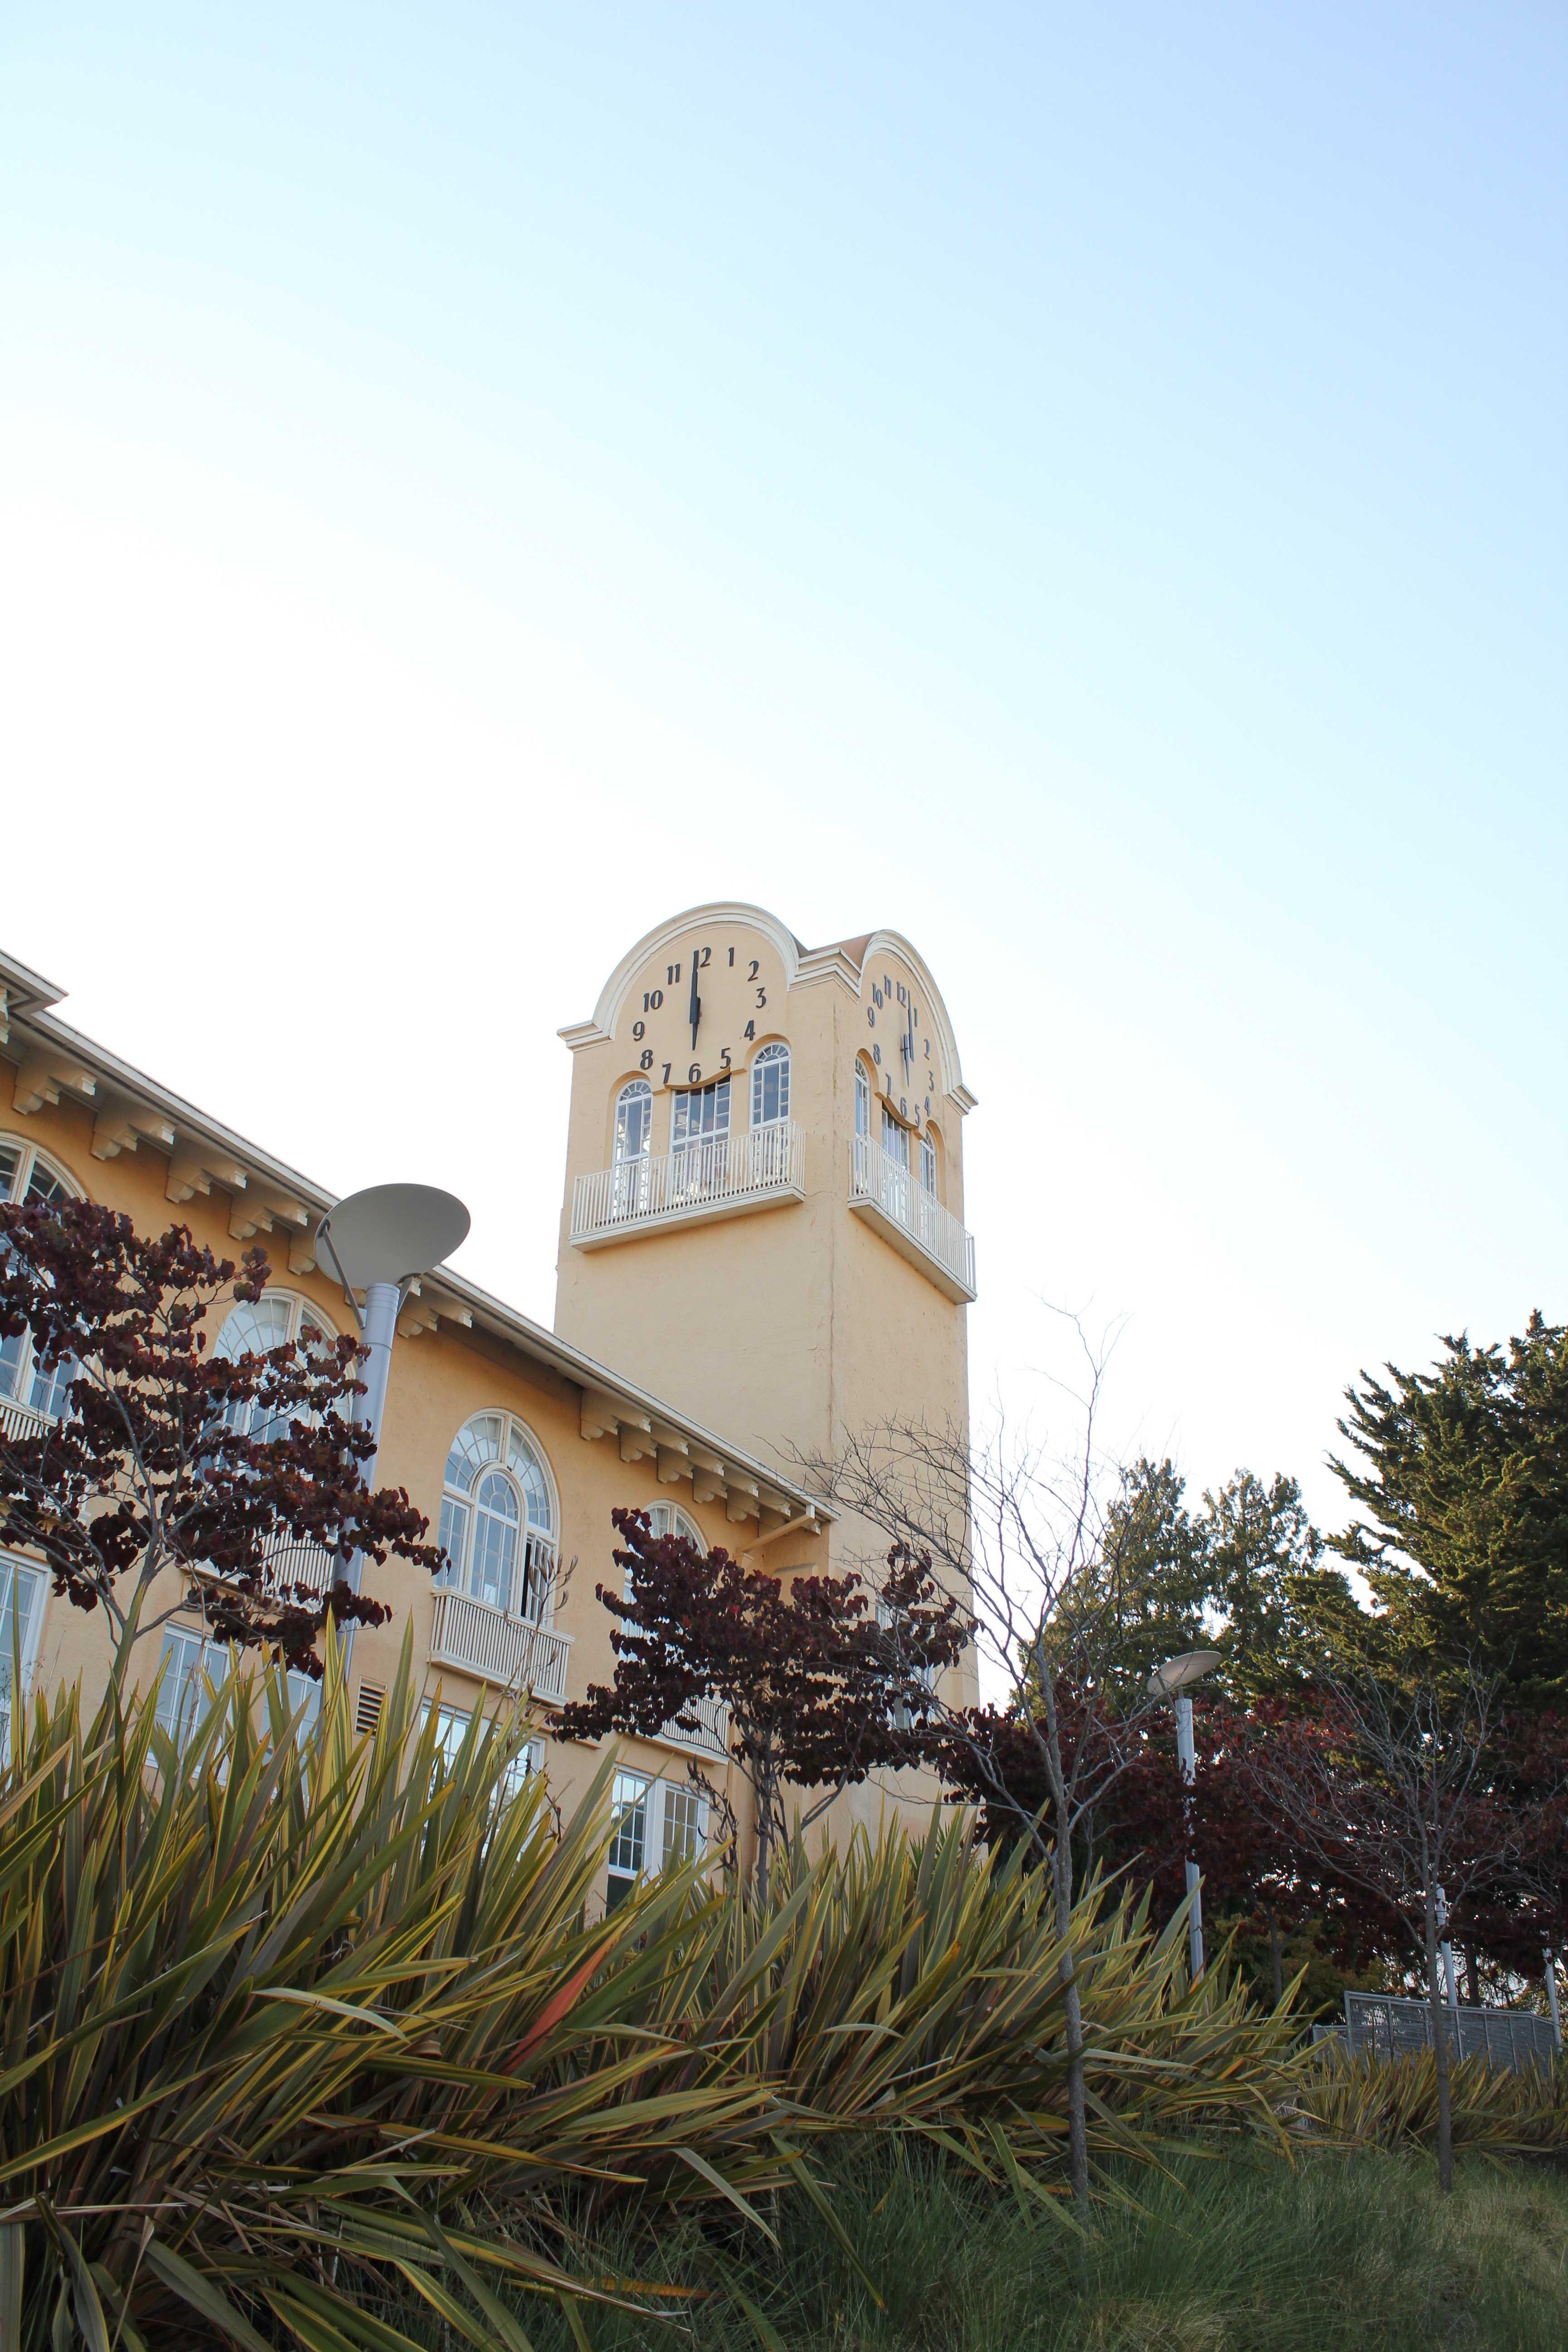 Moving from Petaluma to Marin